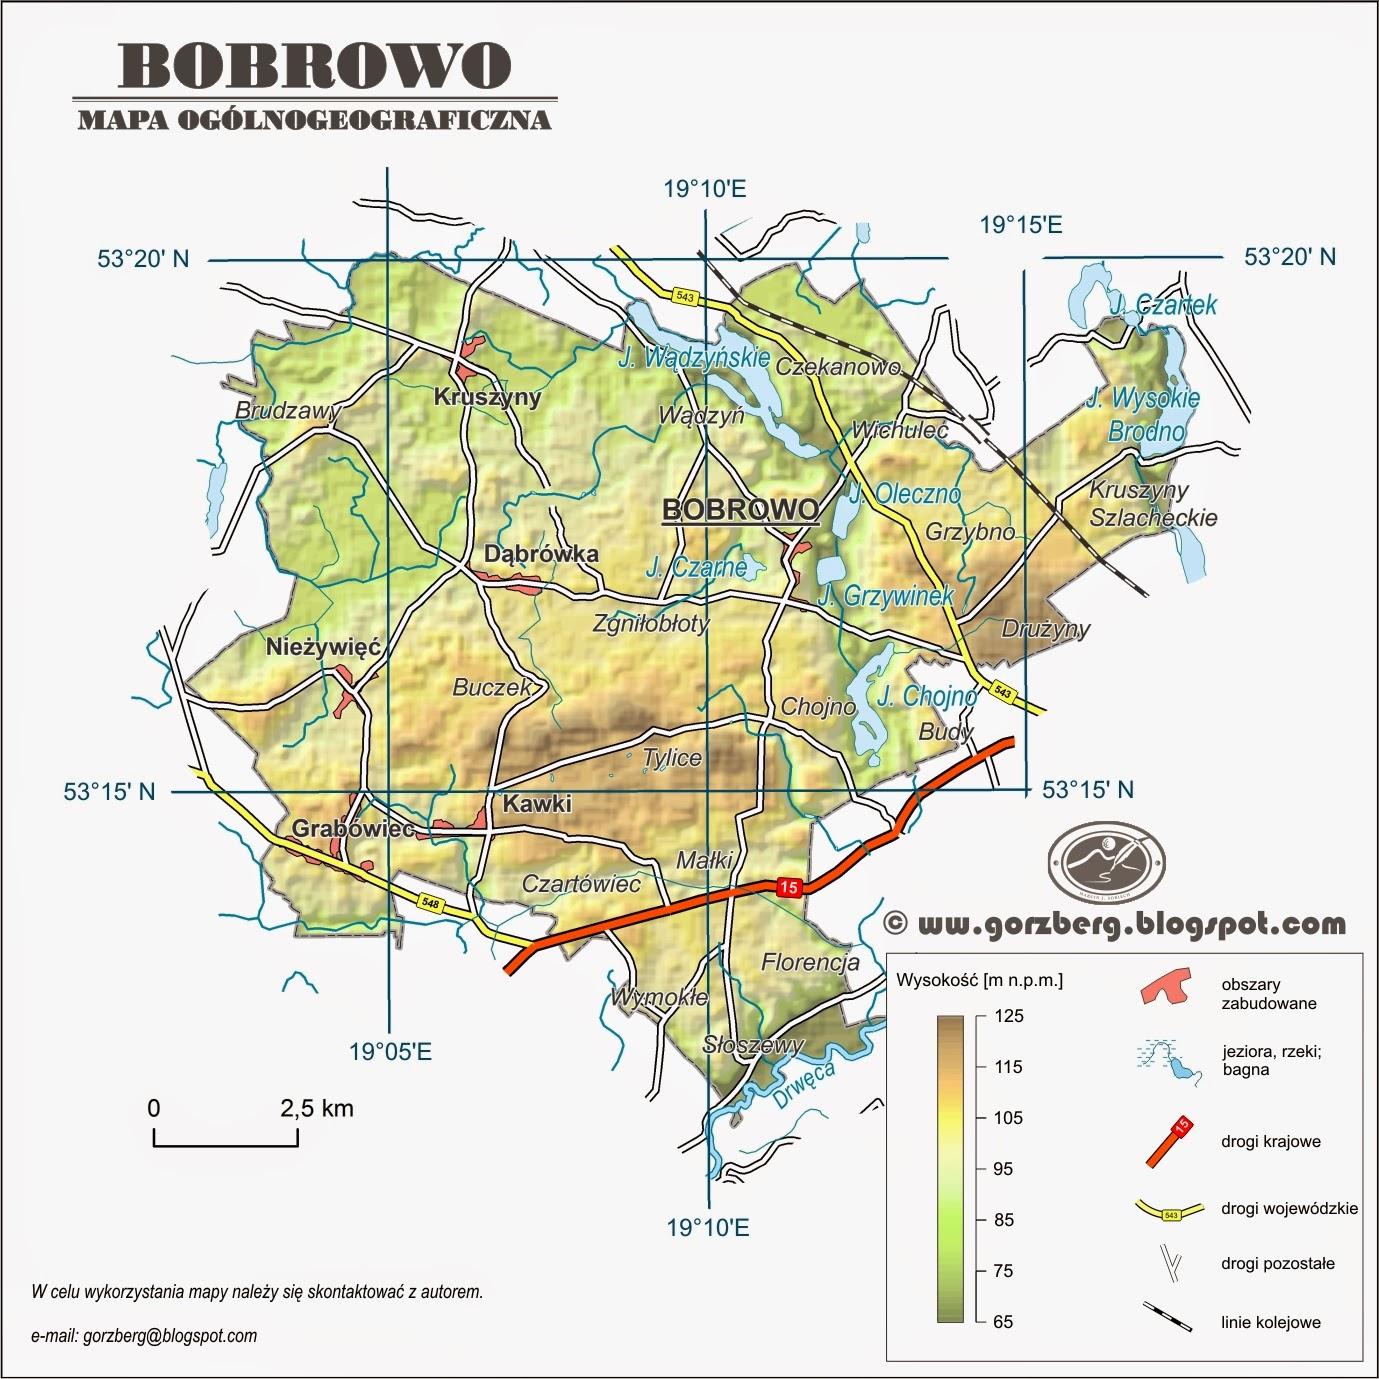 Mapa ogólnogeograficzna gminy Bobrowo